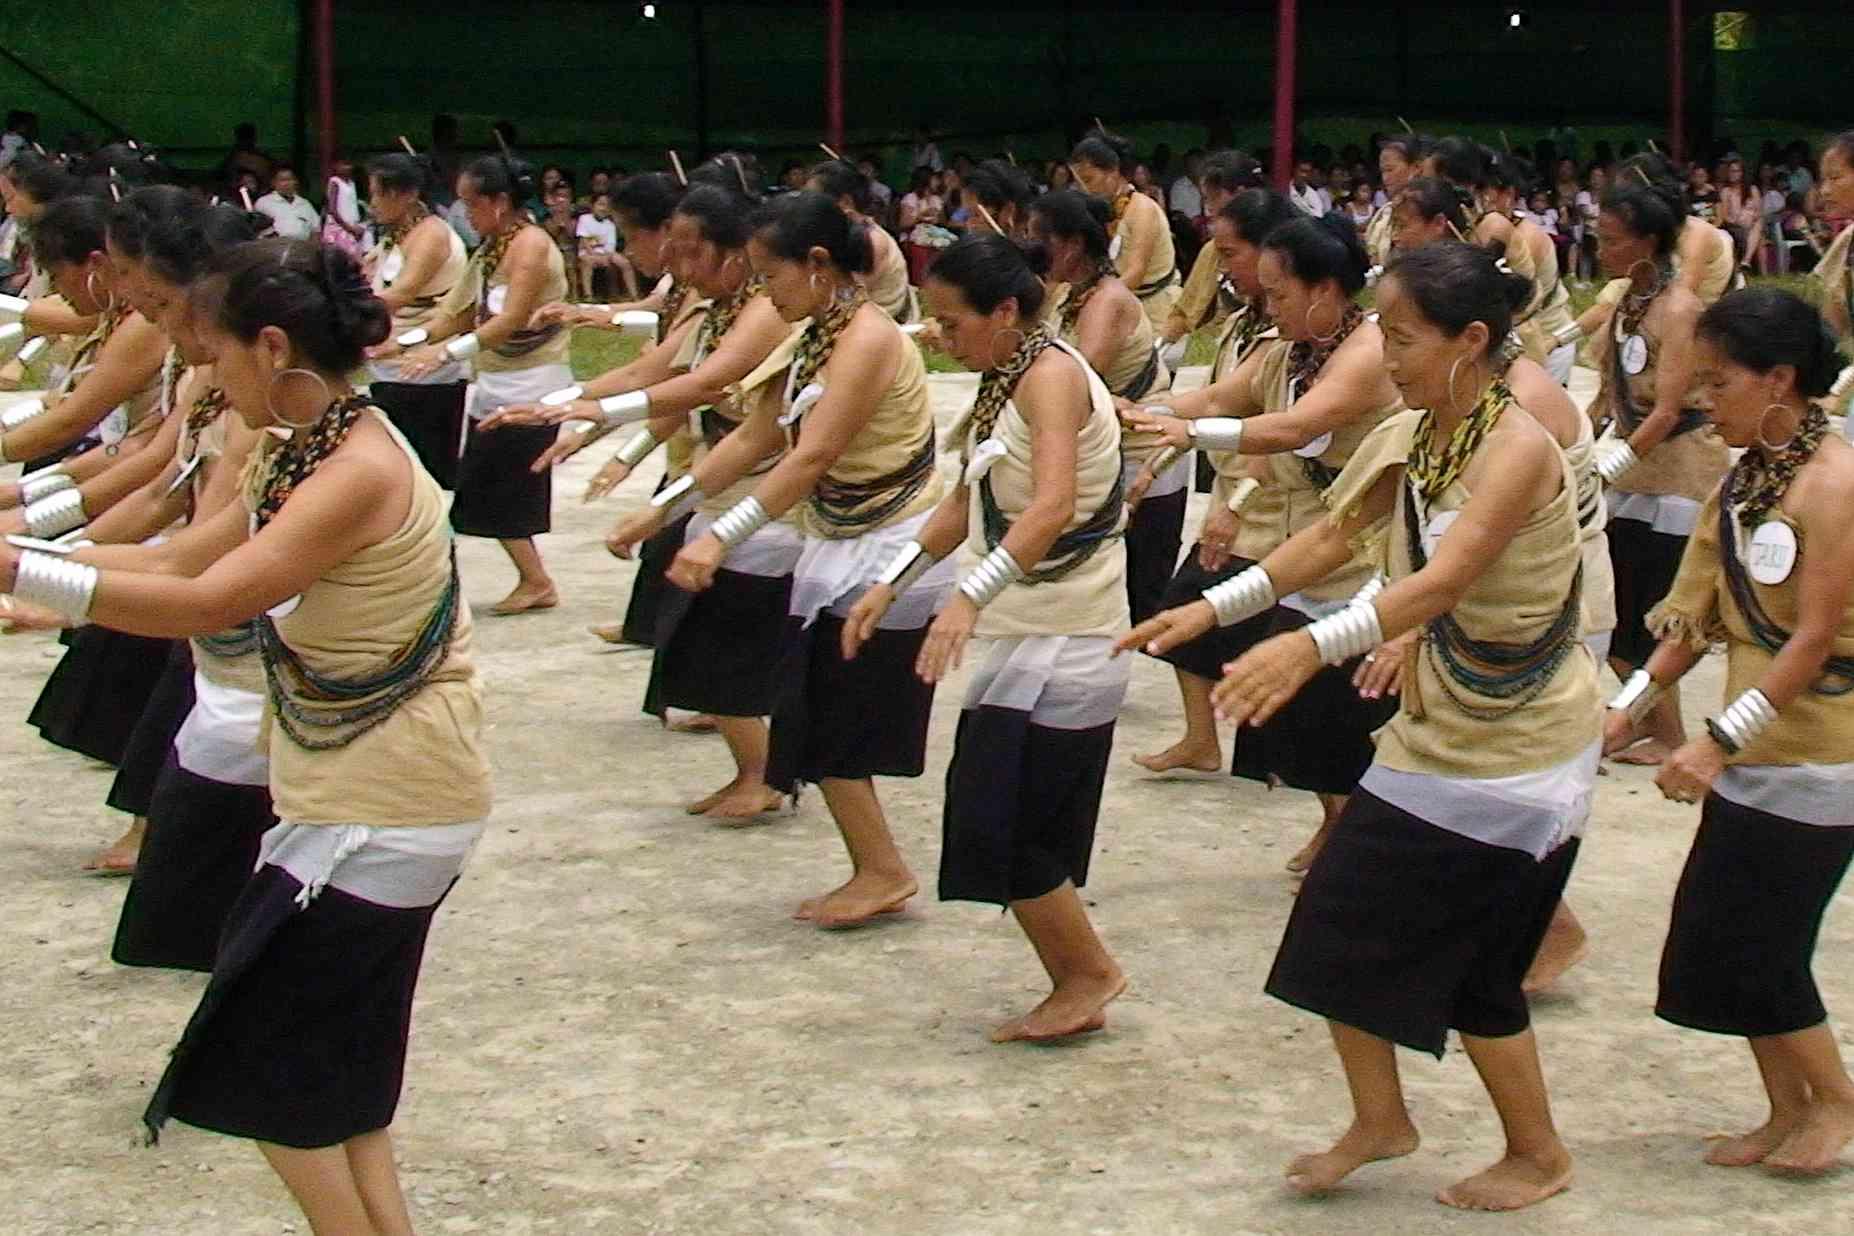 Women dancing at Dree Festival.